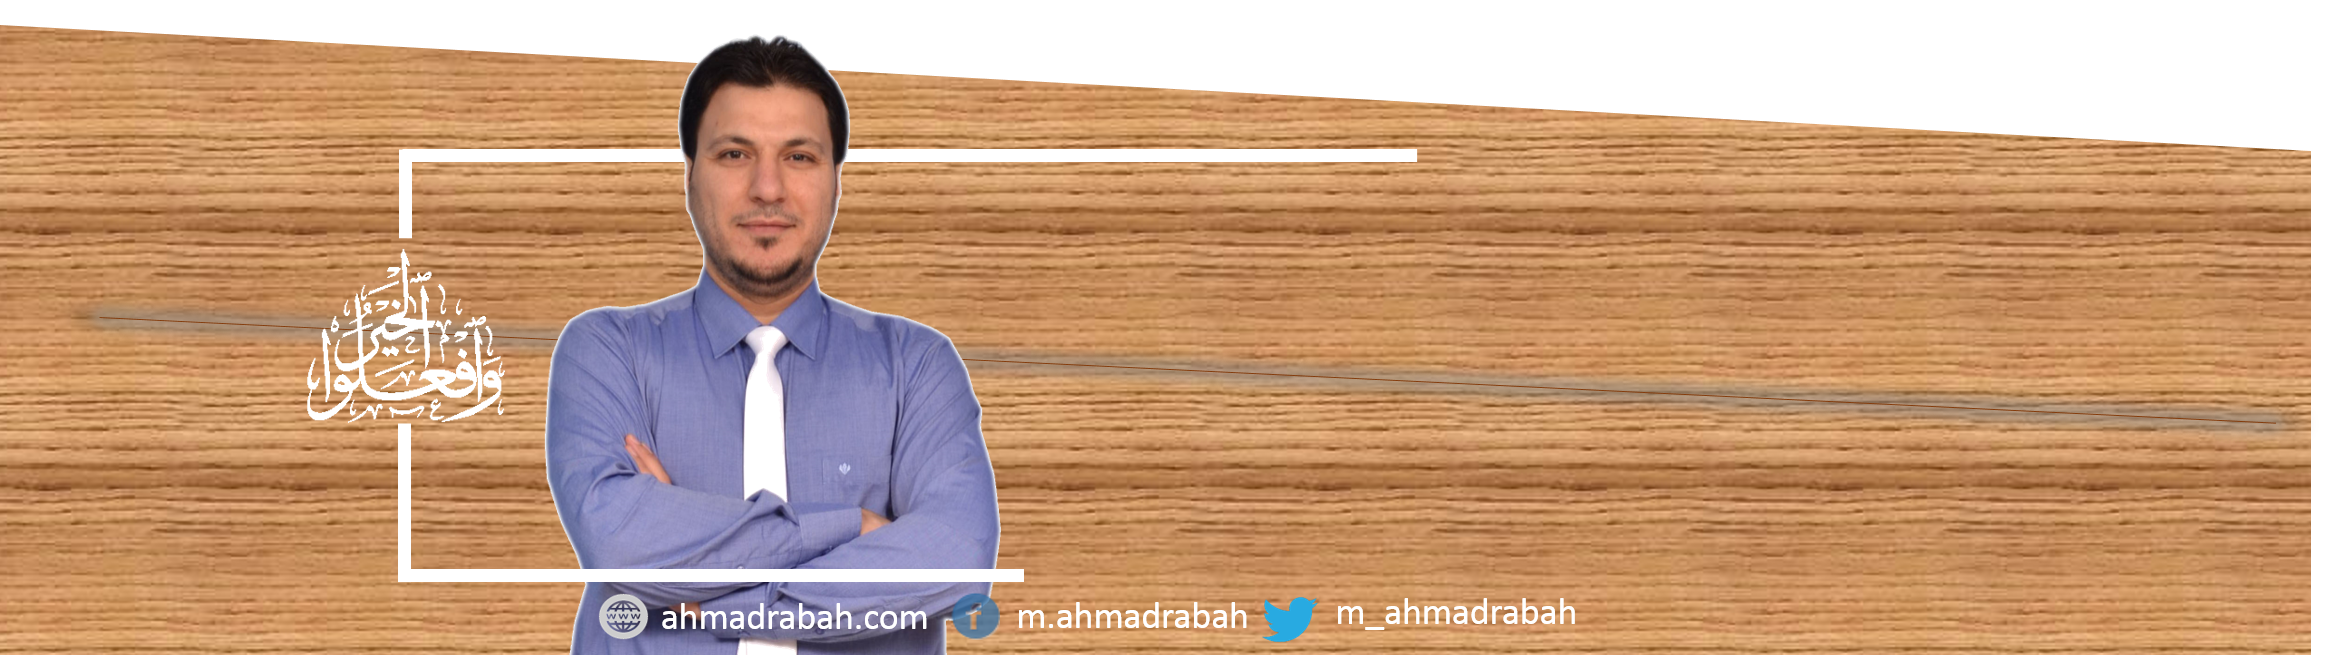 من هو أ.أحمد رباح